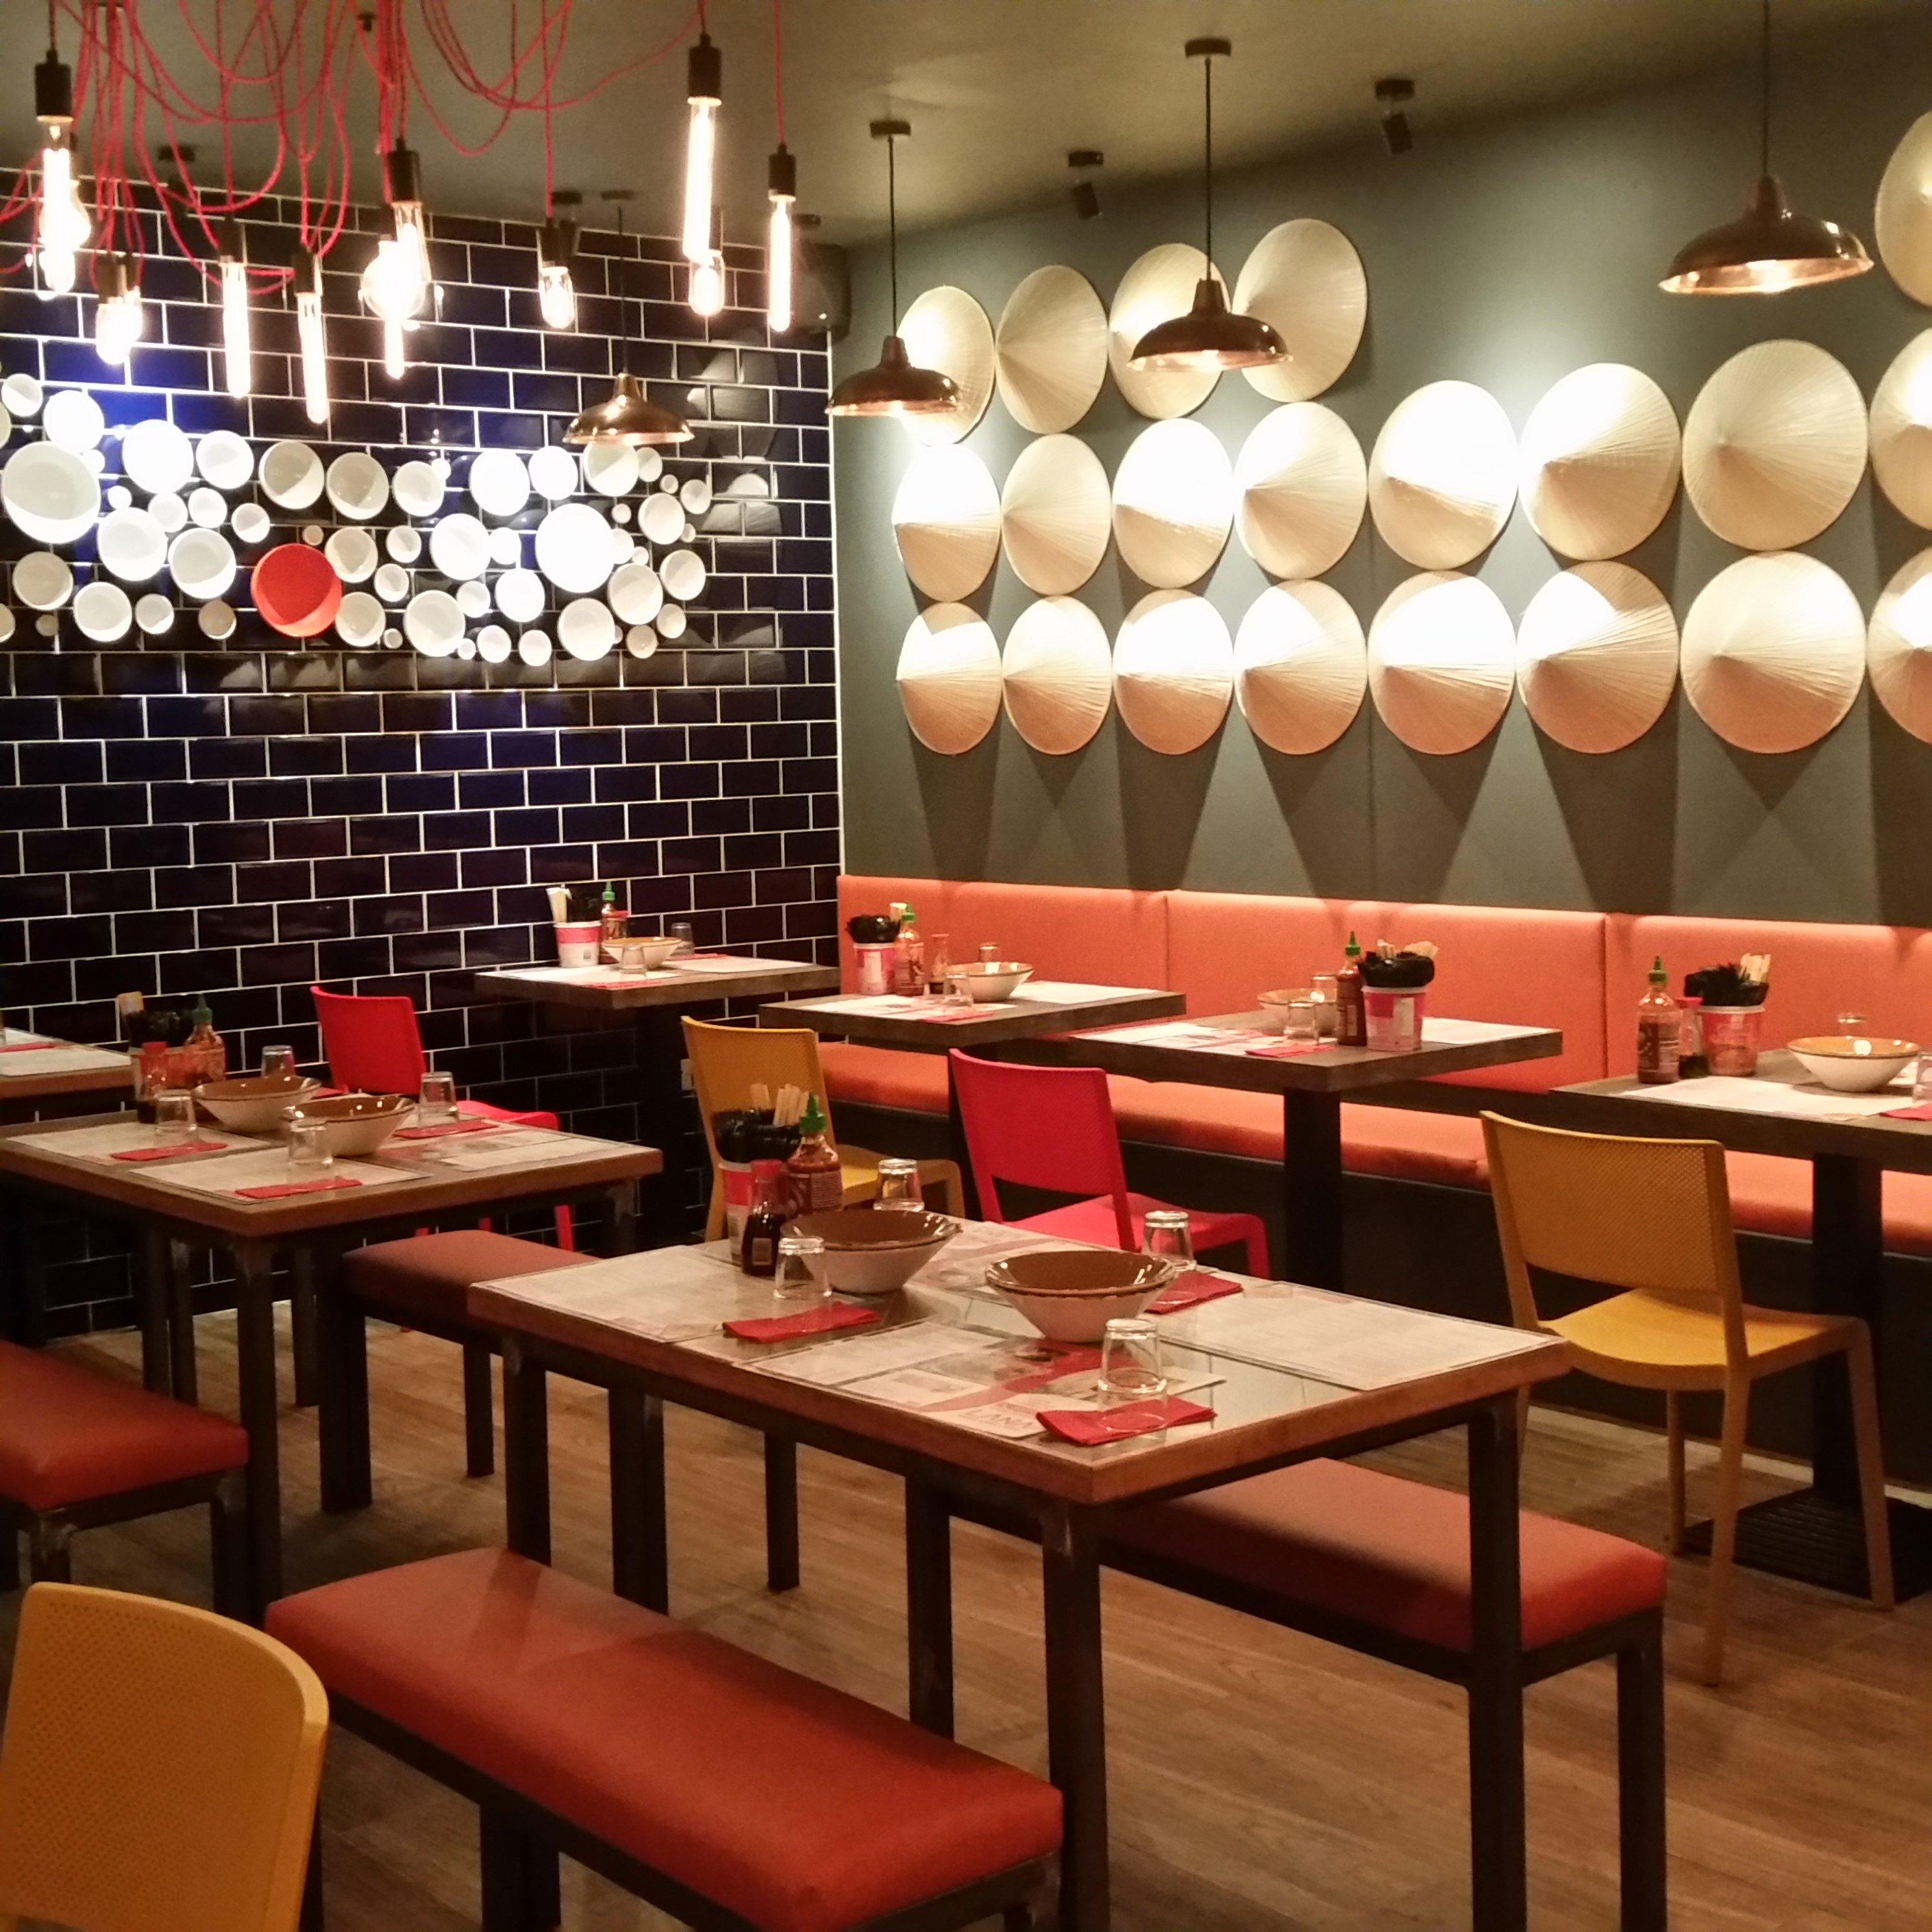 Lana asian street food tralee 3 ashe st restaurant for Asian cuisine restaurant